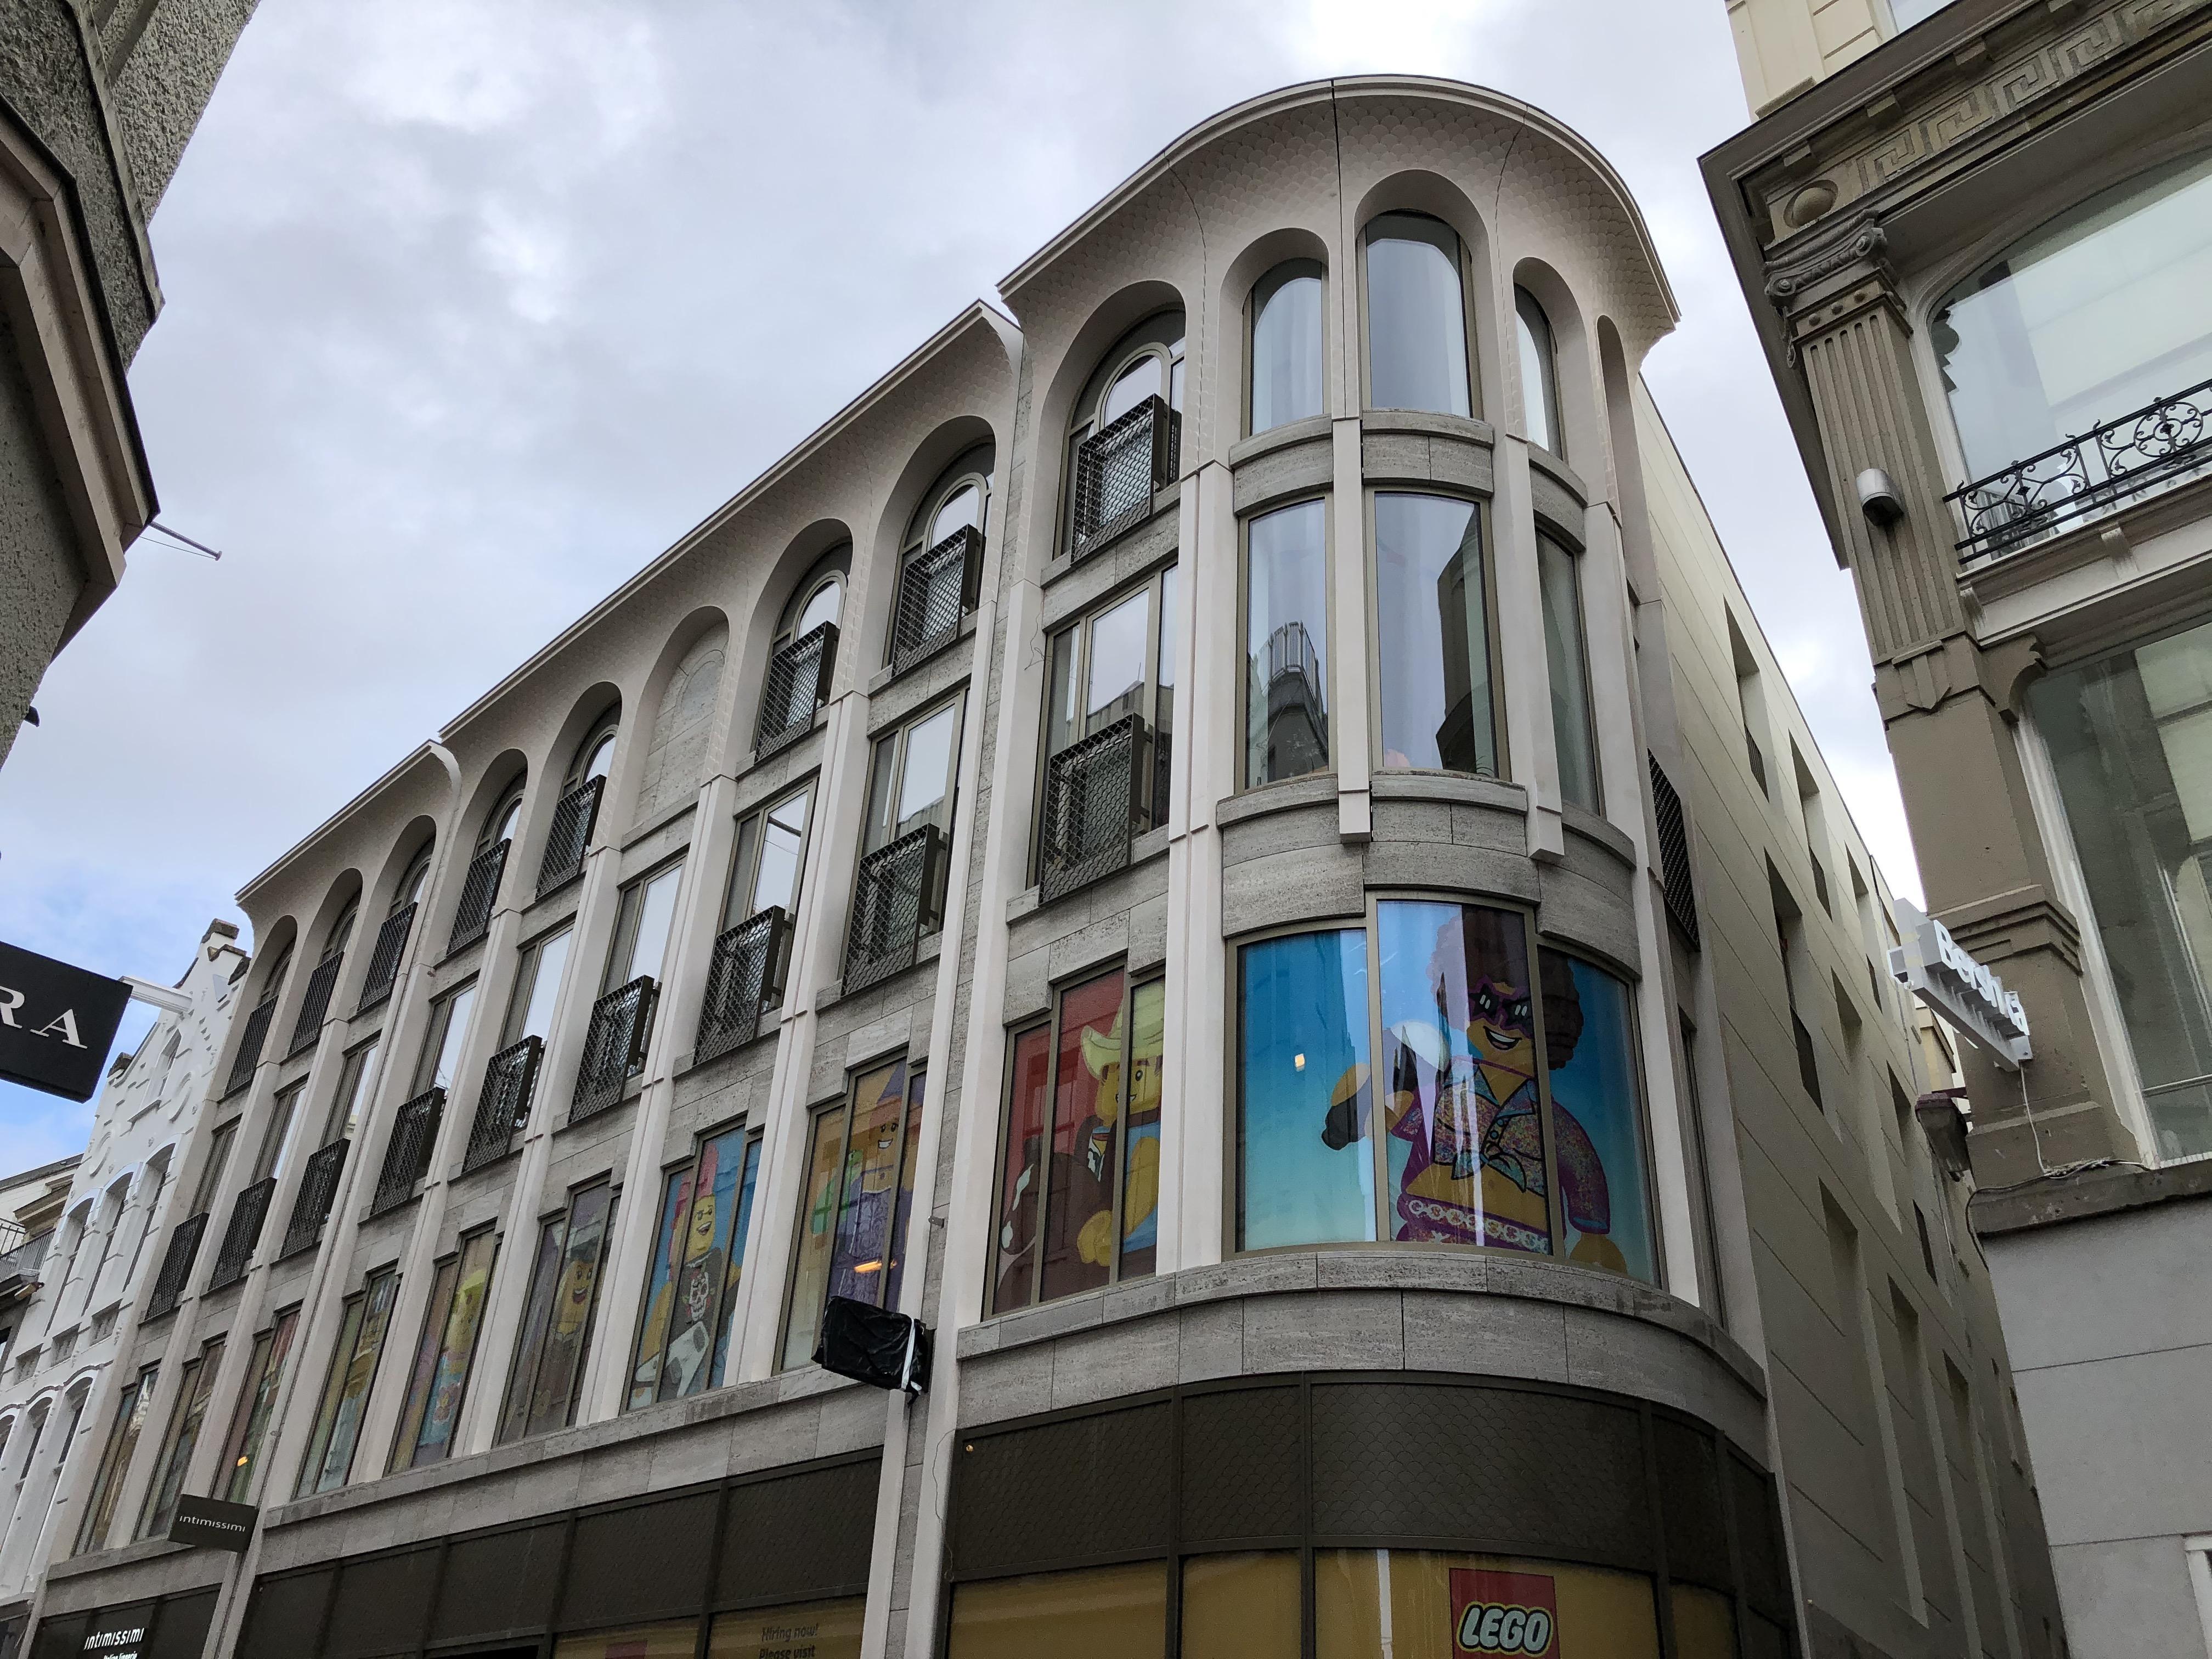 Kalverstraat 55-59